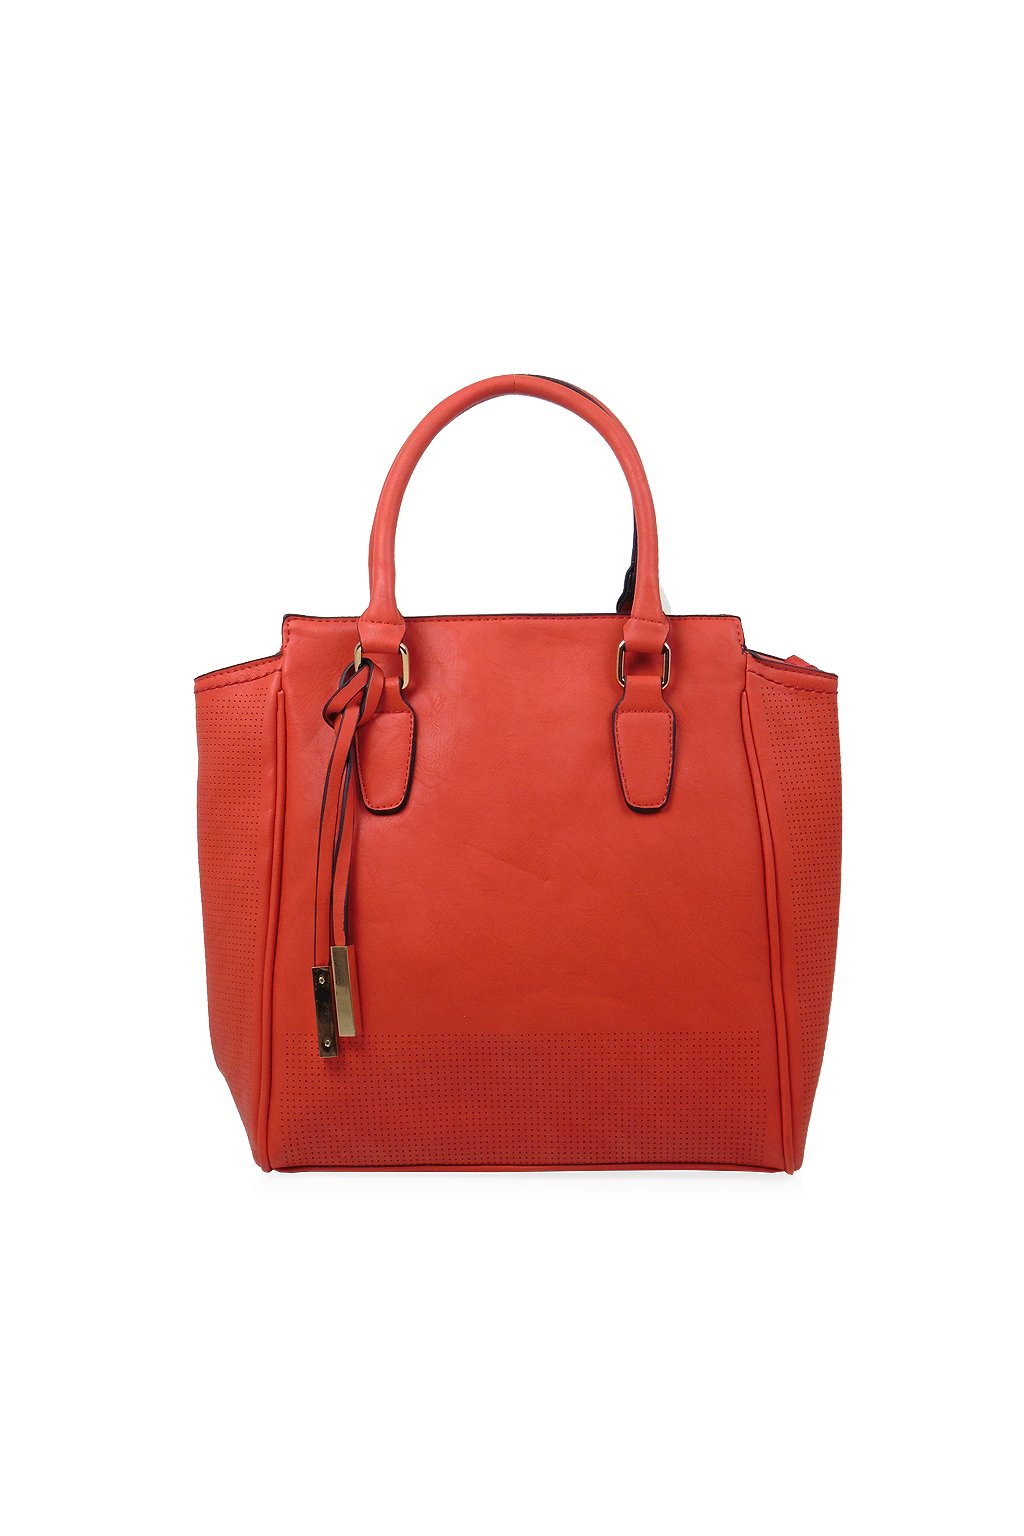 Červená kabelka do ruky Fengda 868